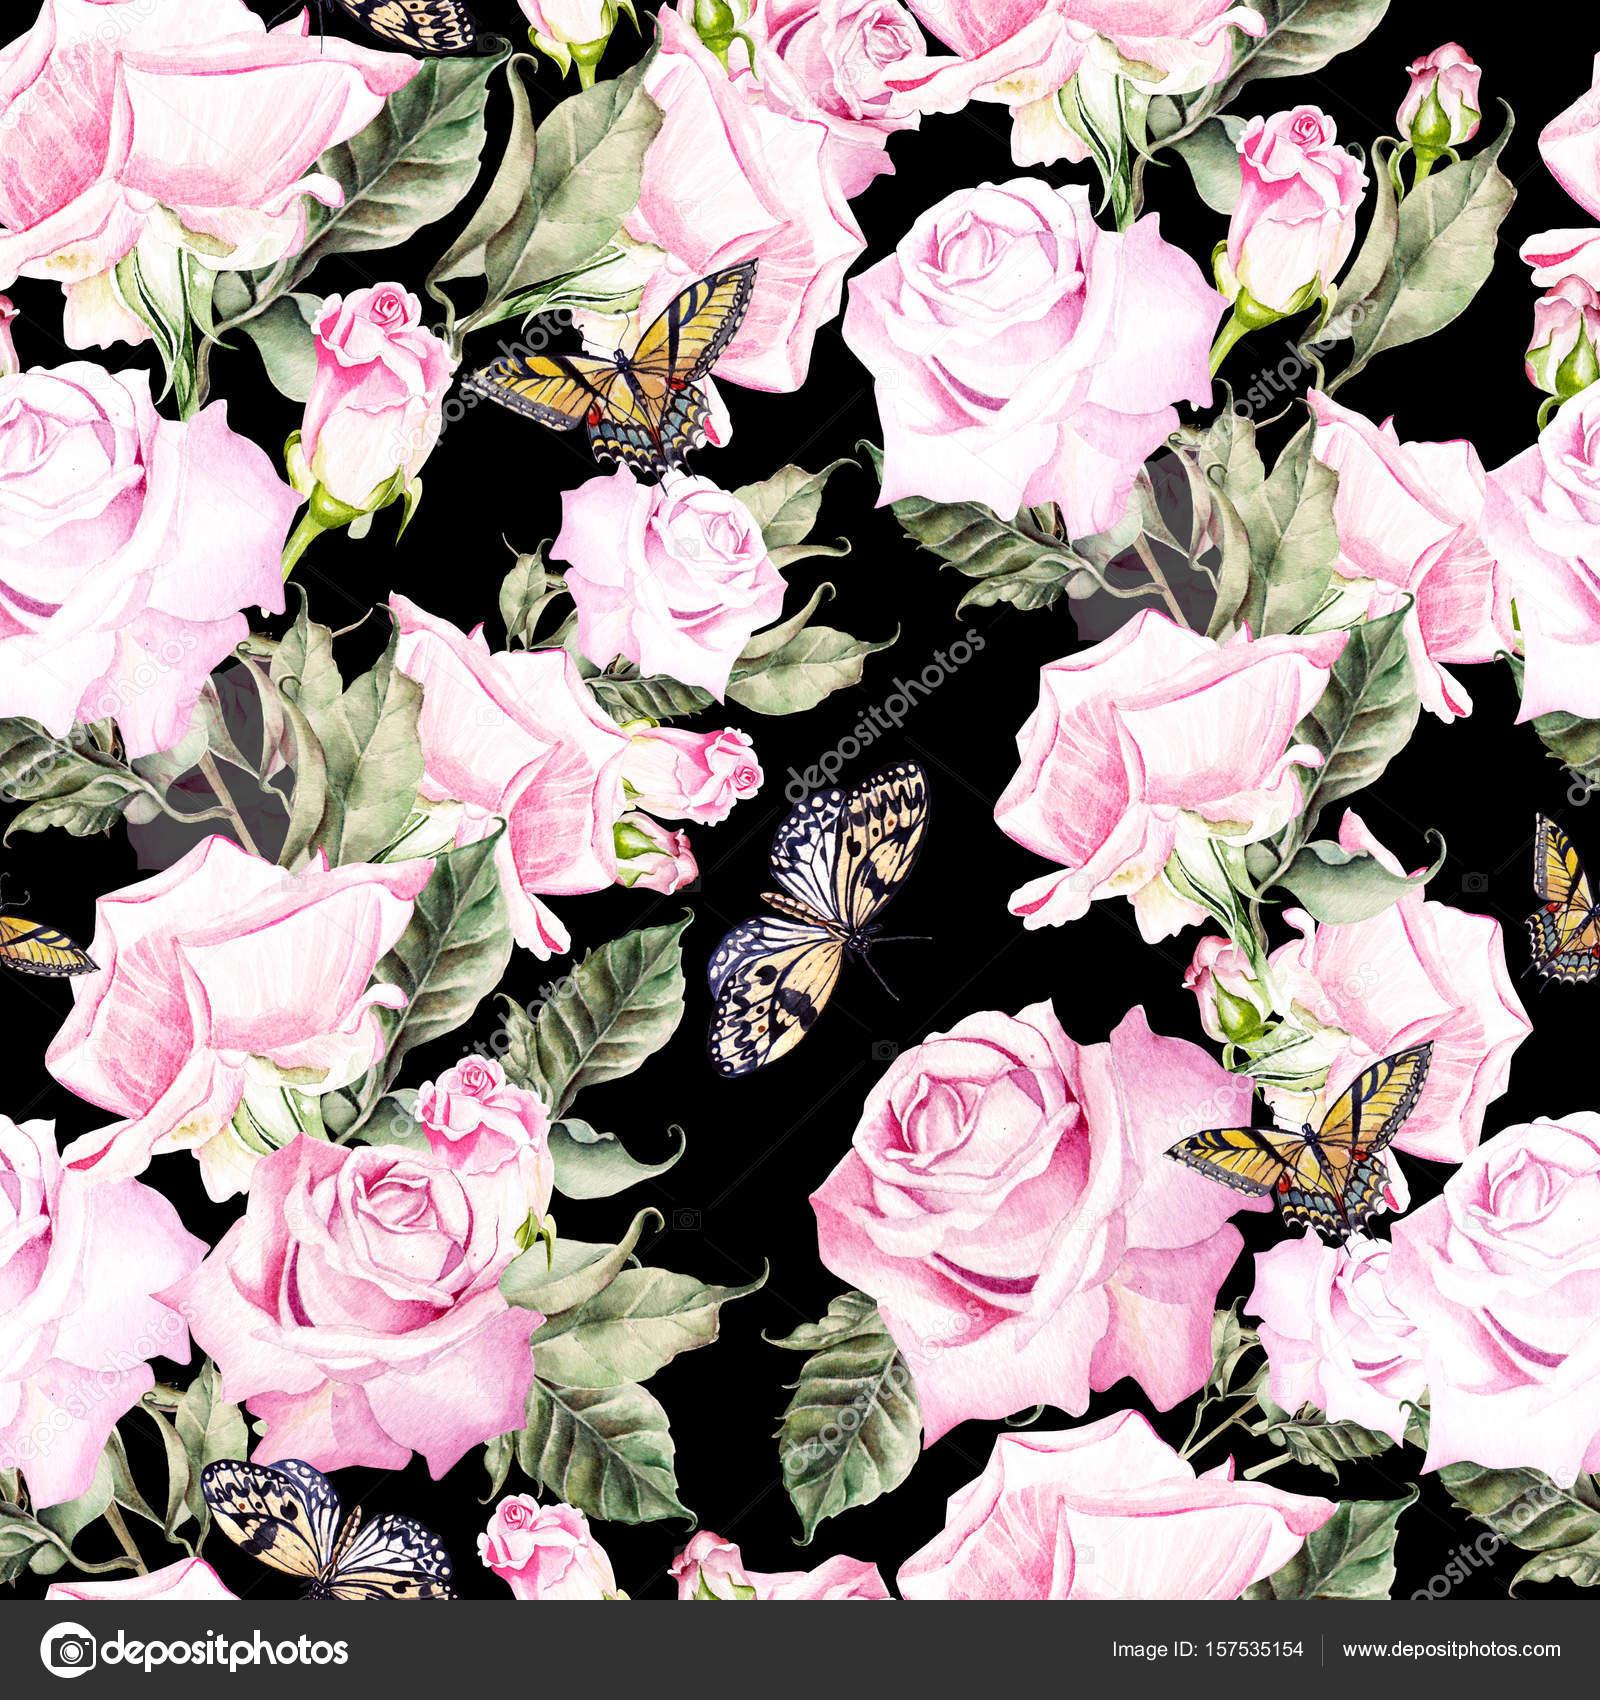 Güzel Parlak Renkli Sulu Boya Desen Gül çiçek Ile Bir Stok